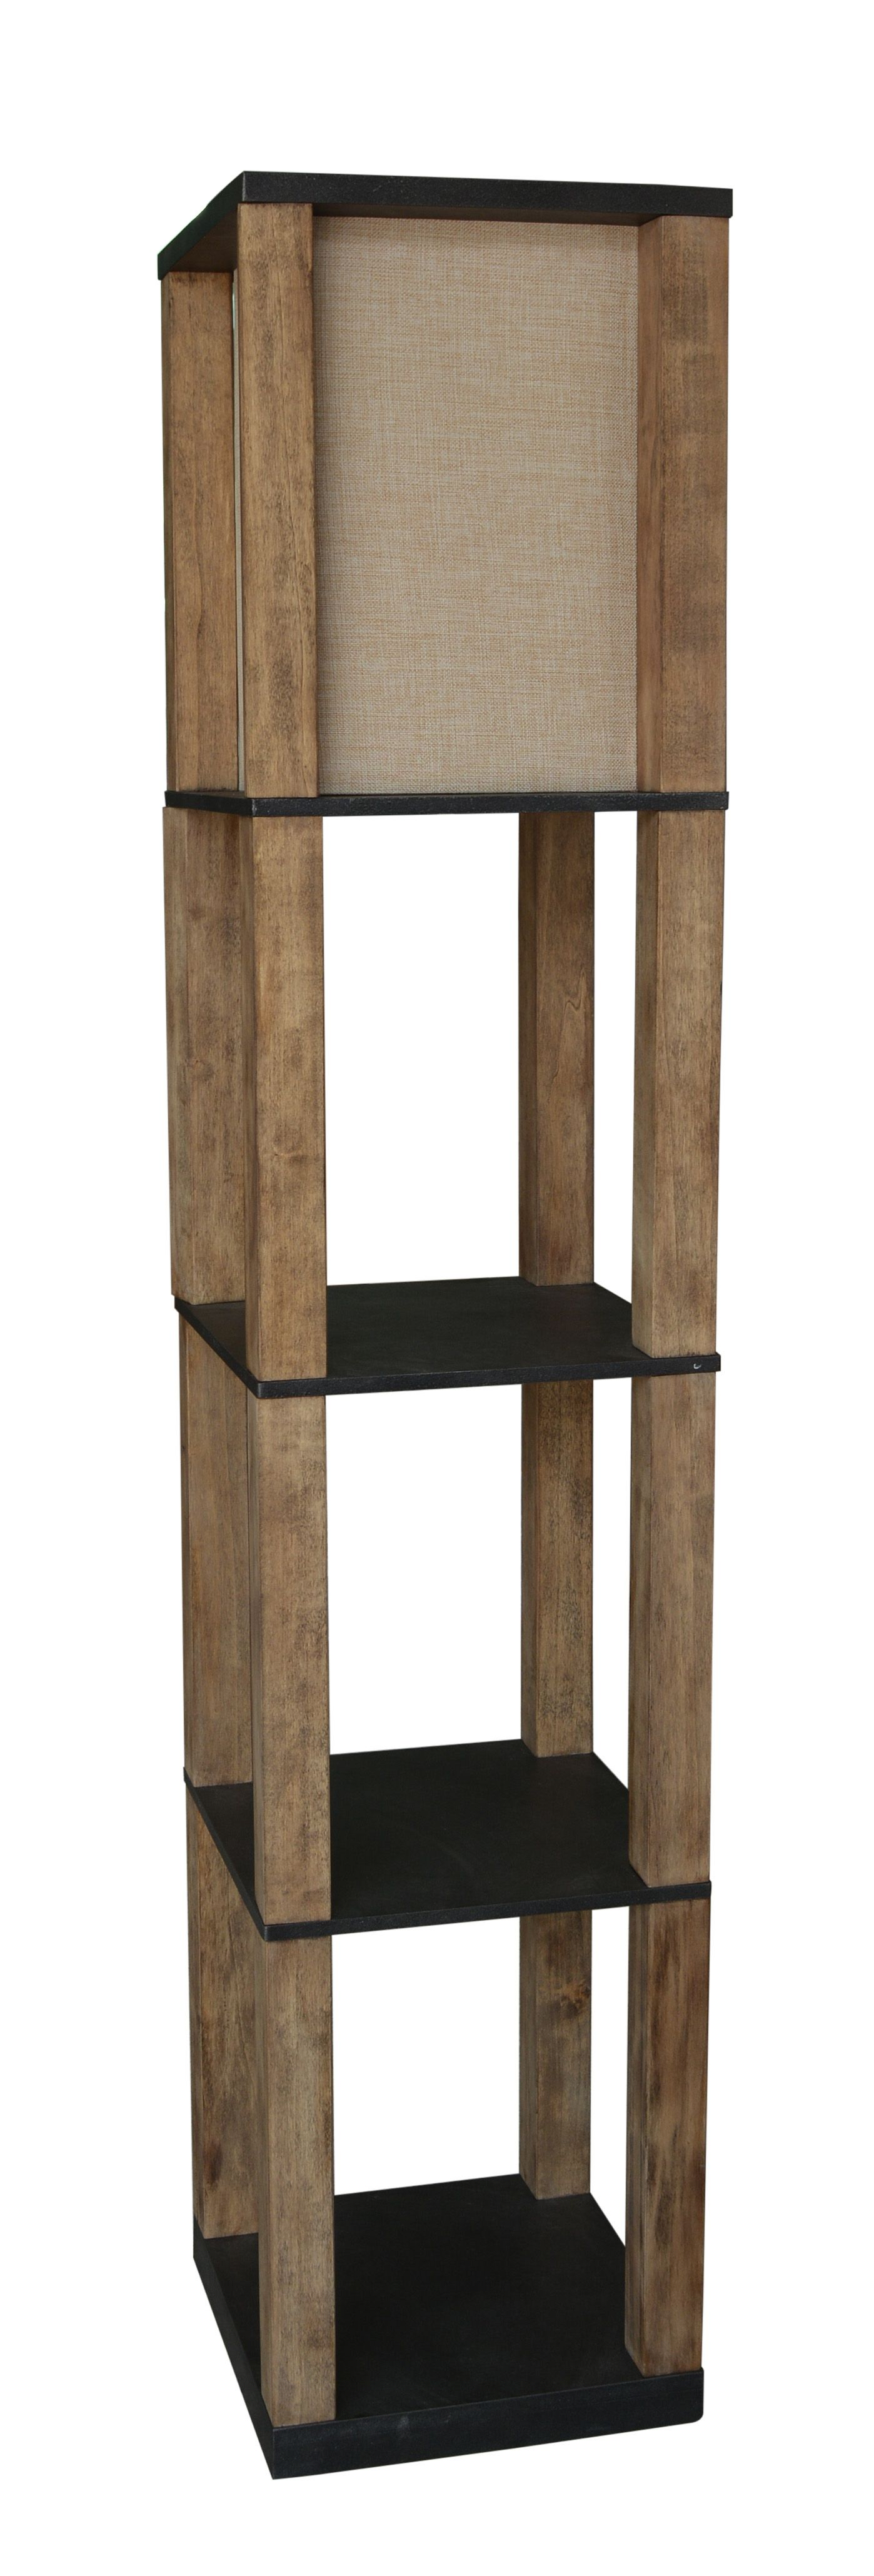 LPS 212: Wooden Shelf Floor Lamp By Lamps Per Se